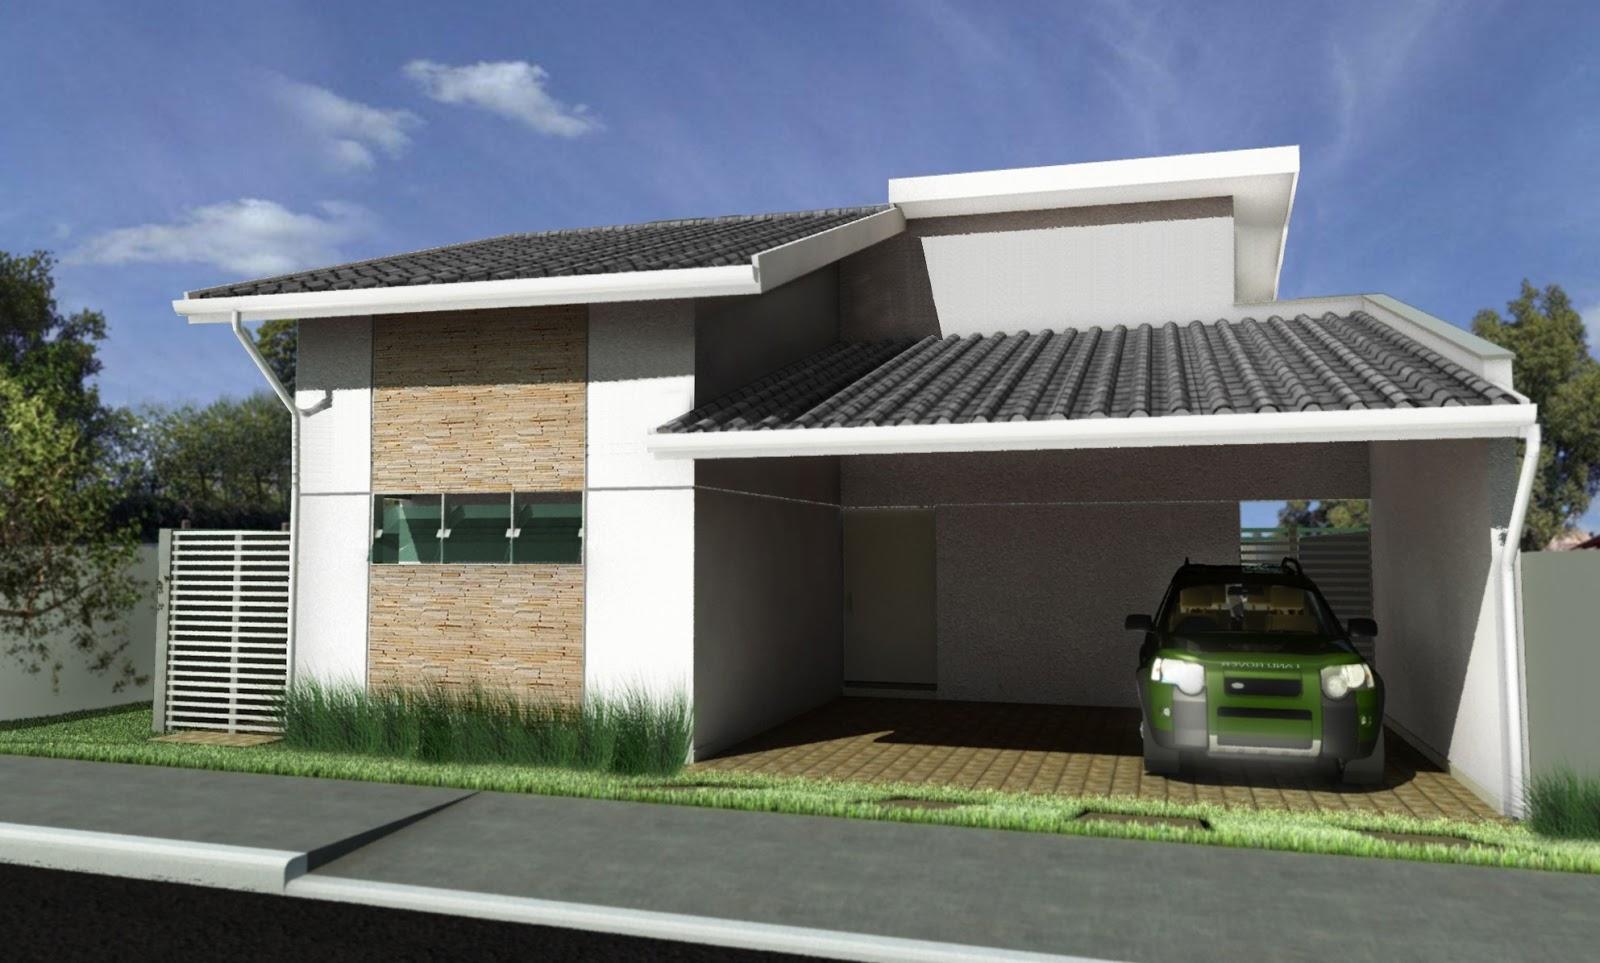 Fachadas para casas pequenas e modernas 40 fotos toda for Fachadas de casas super modernas